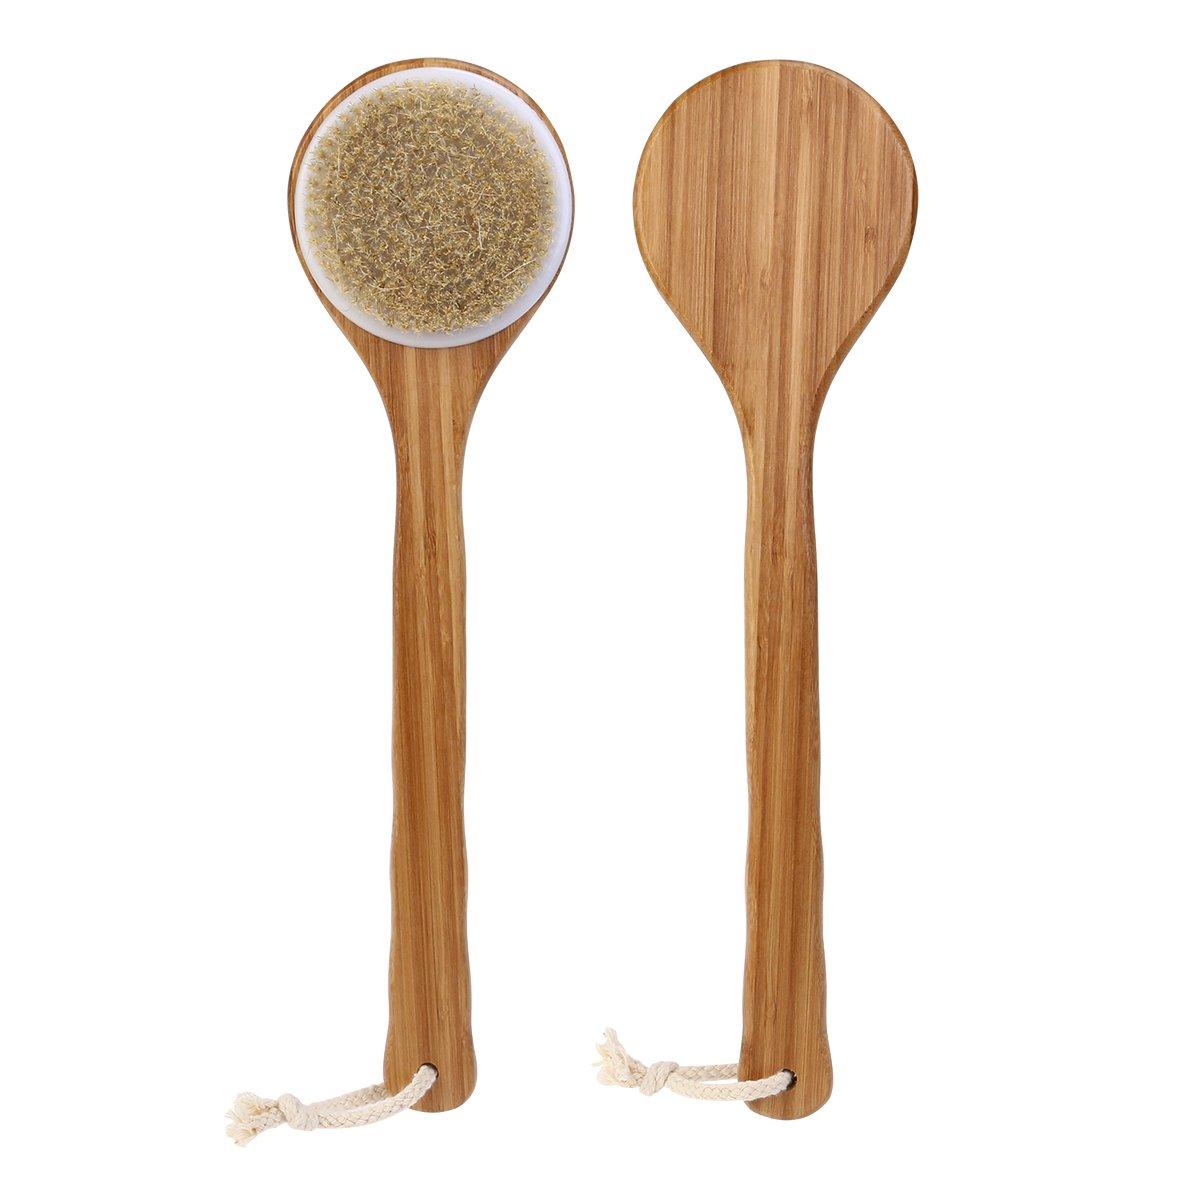 Tinksky Ba/ño ducha cepillo cuerpo cepillo cerdas Long bamb/ú Poignee